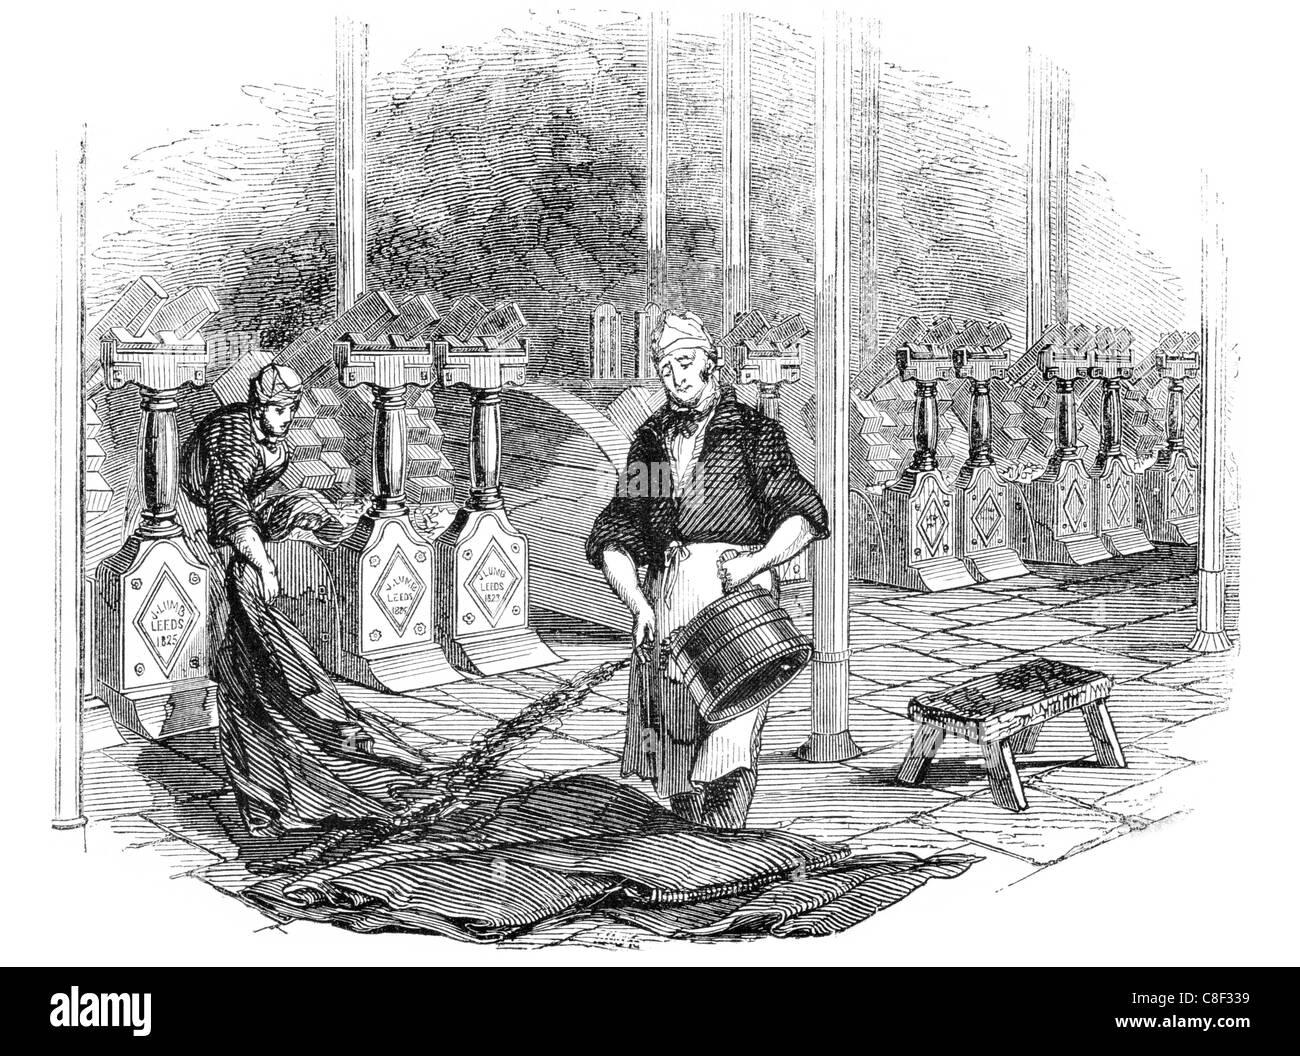 fulling stocks tucking walking waulking woolen clothmaking